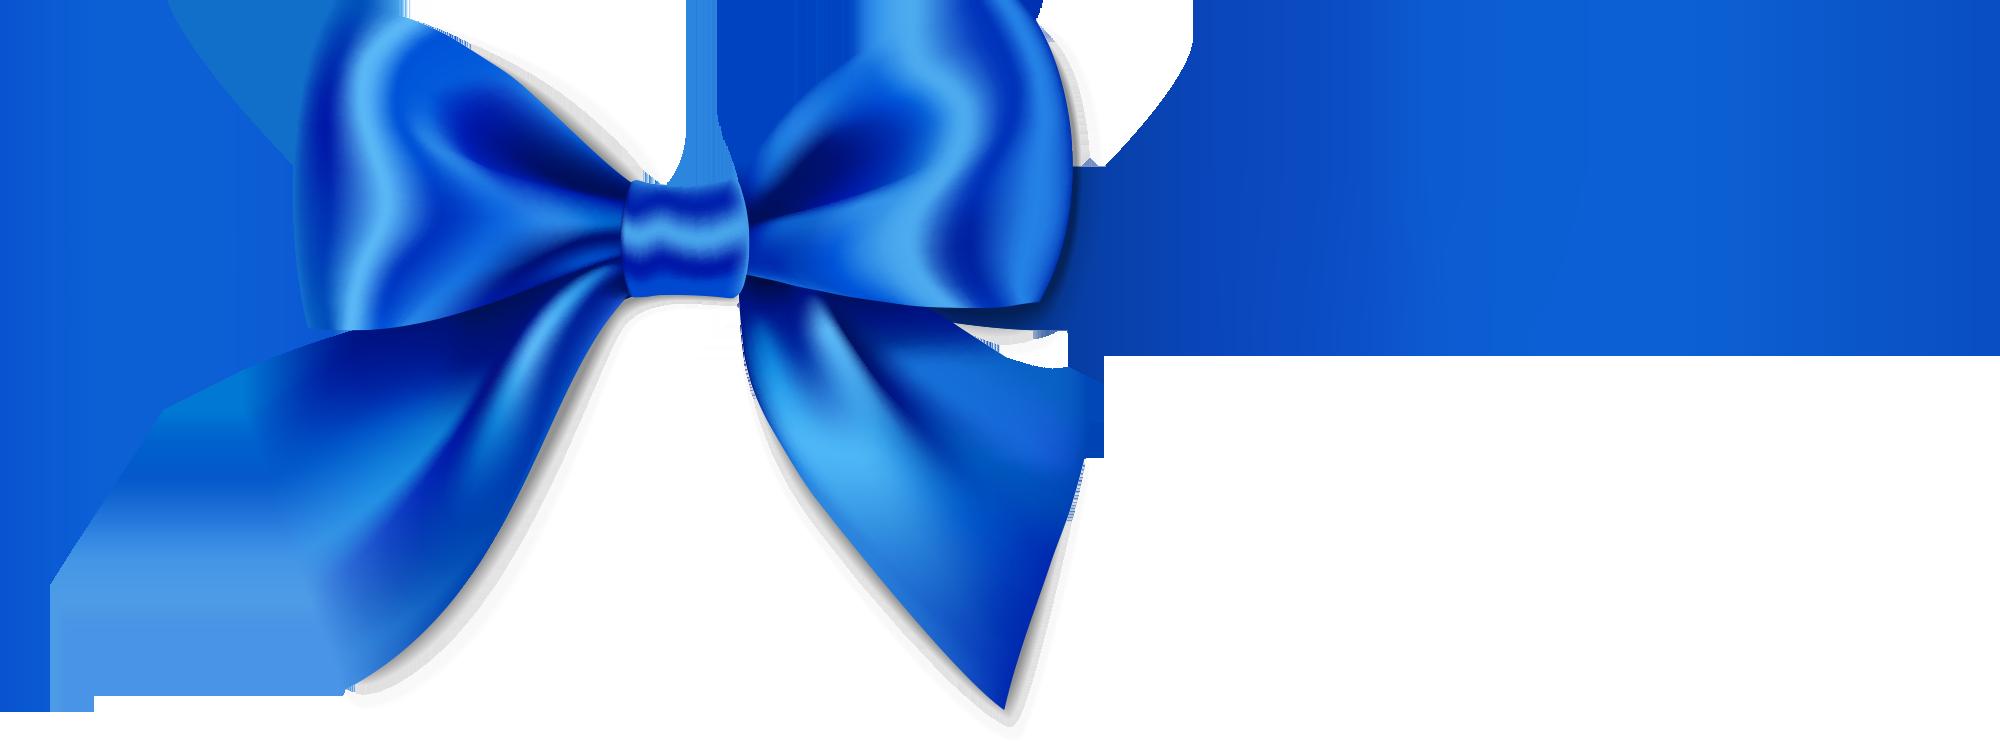 Blue Ribbon Program